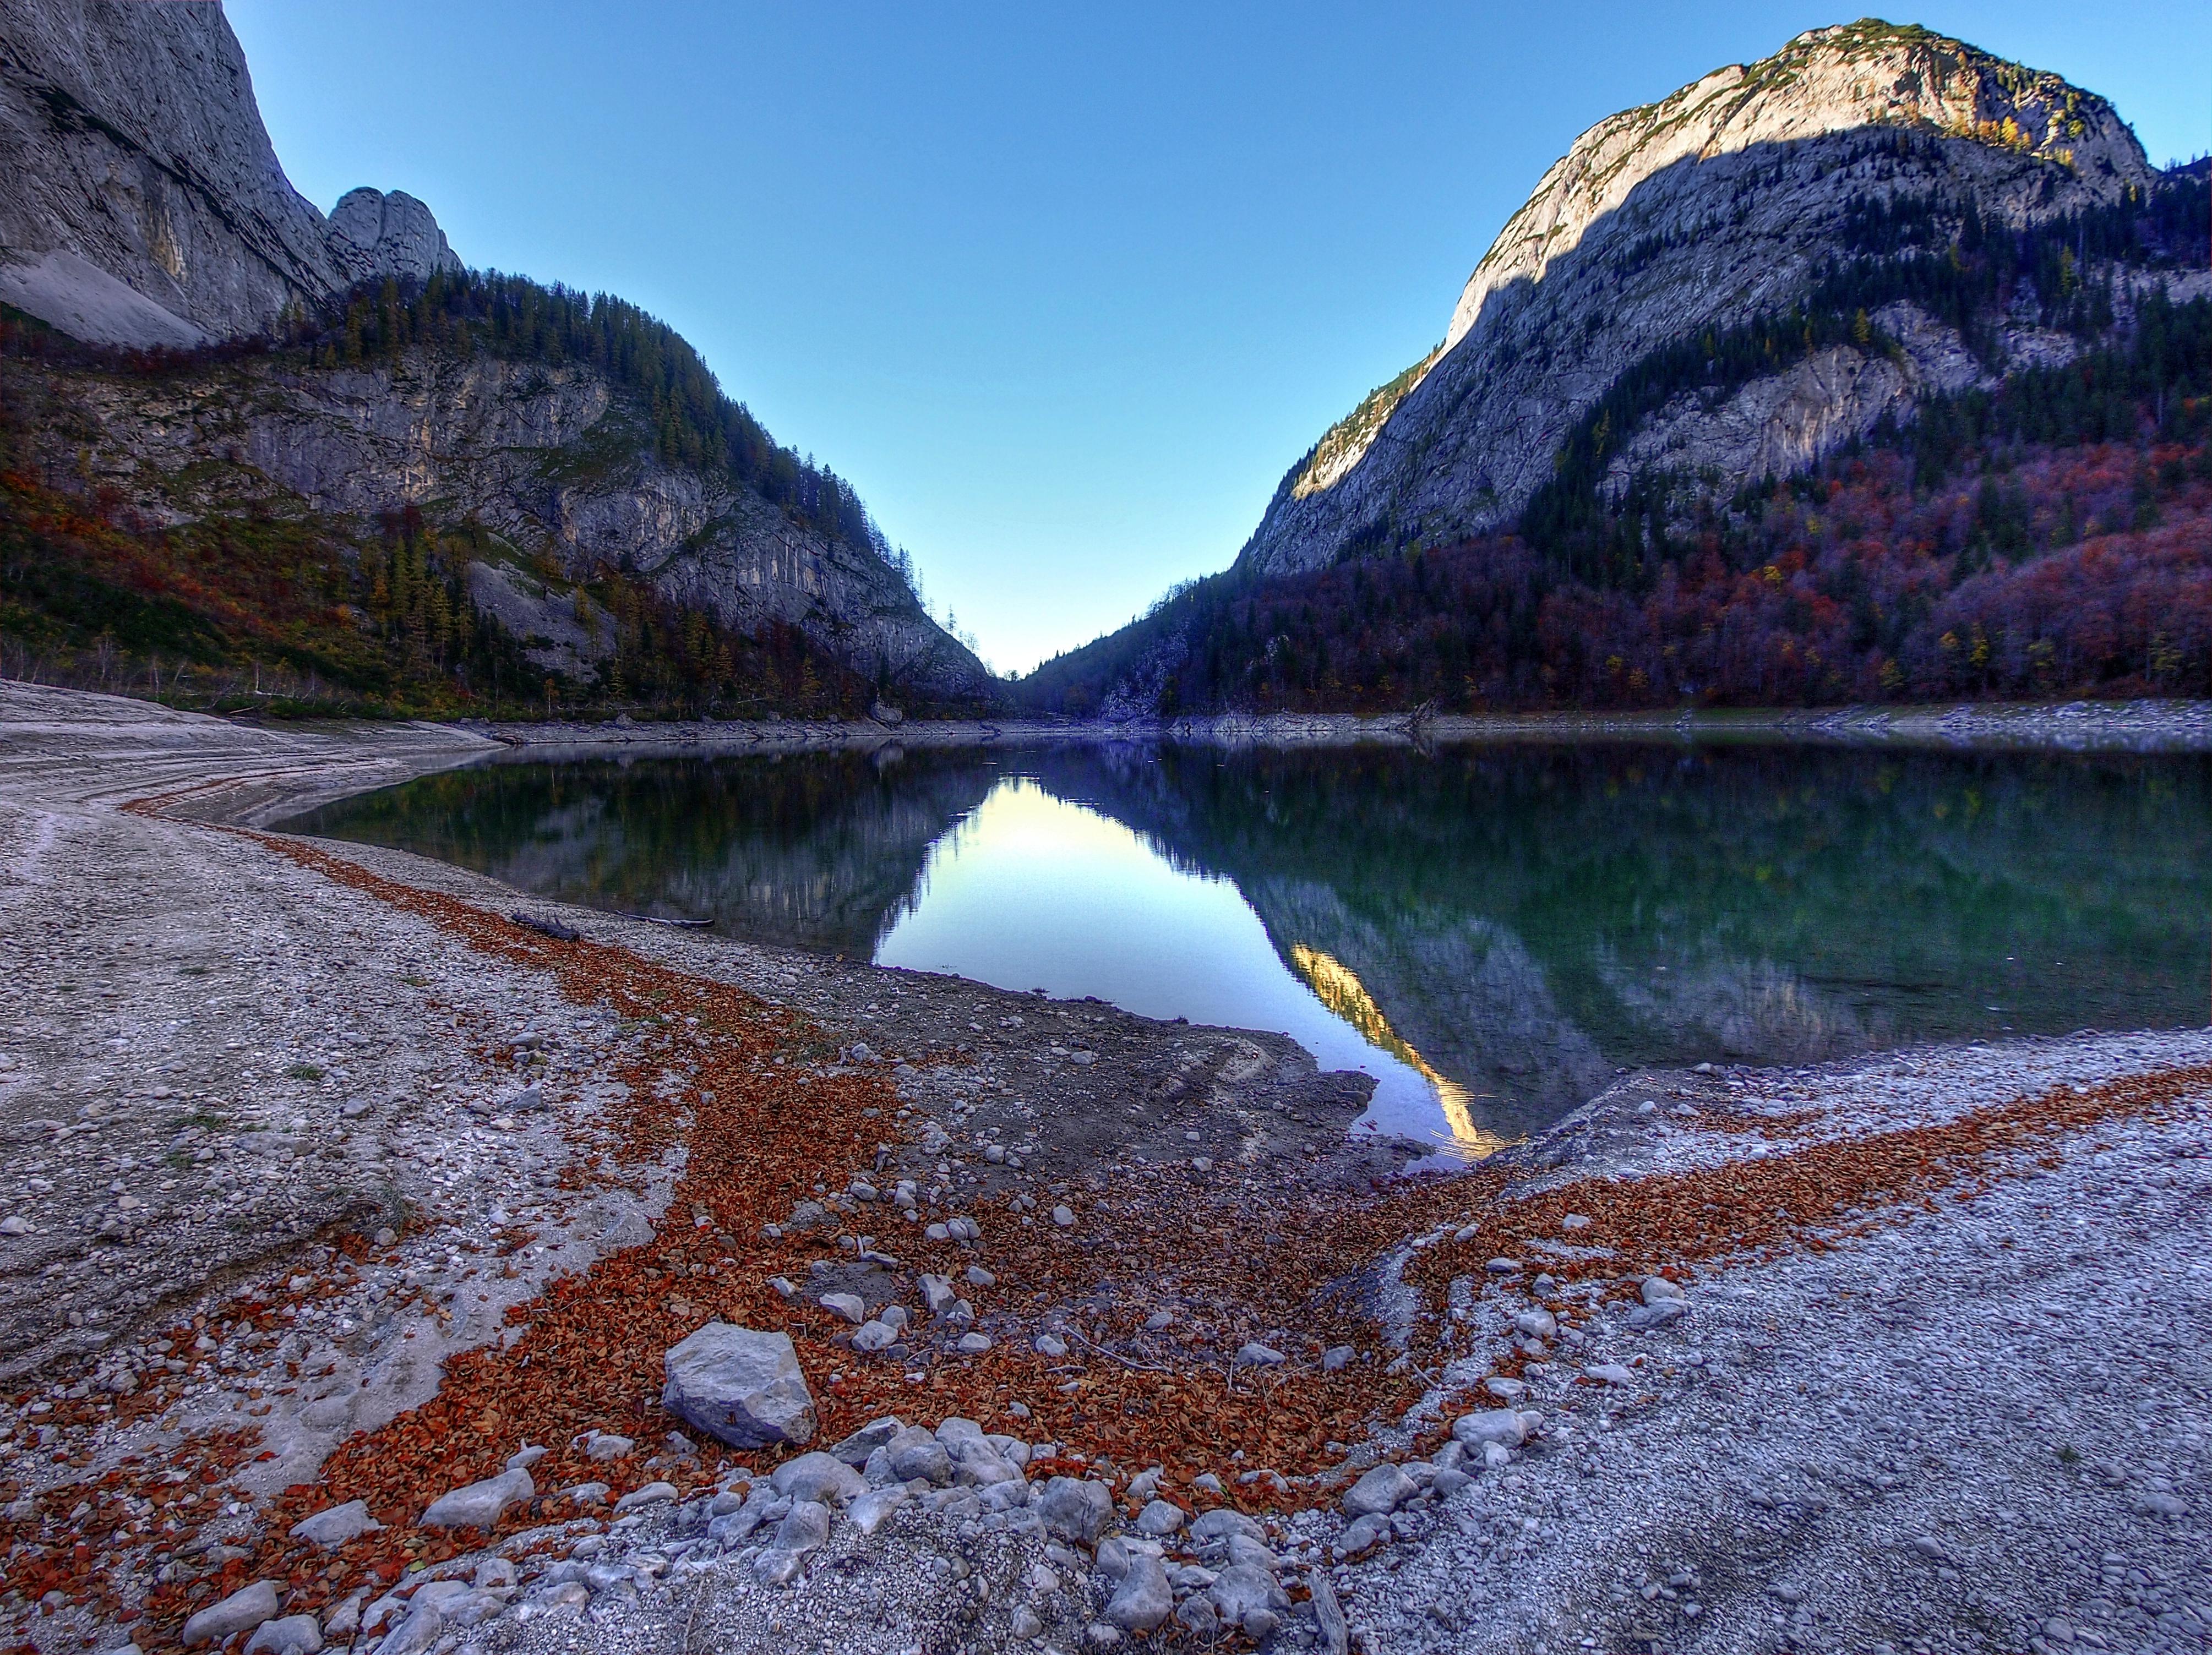 116229 descargar fondo de pantalla Naturaleza, Lago, Reflexión, Montañas, Paisaje: protectores de pantalla e imágenes gratis